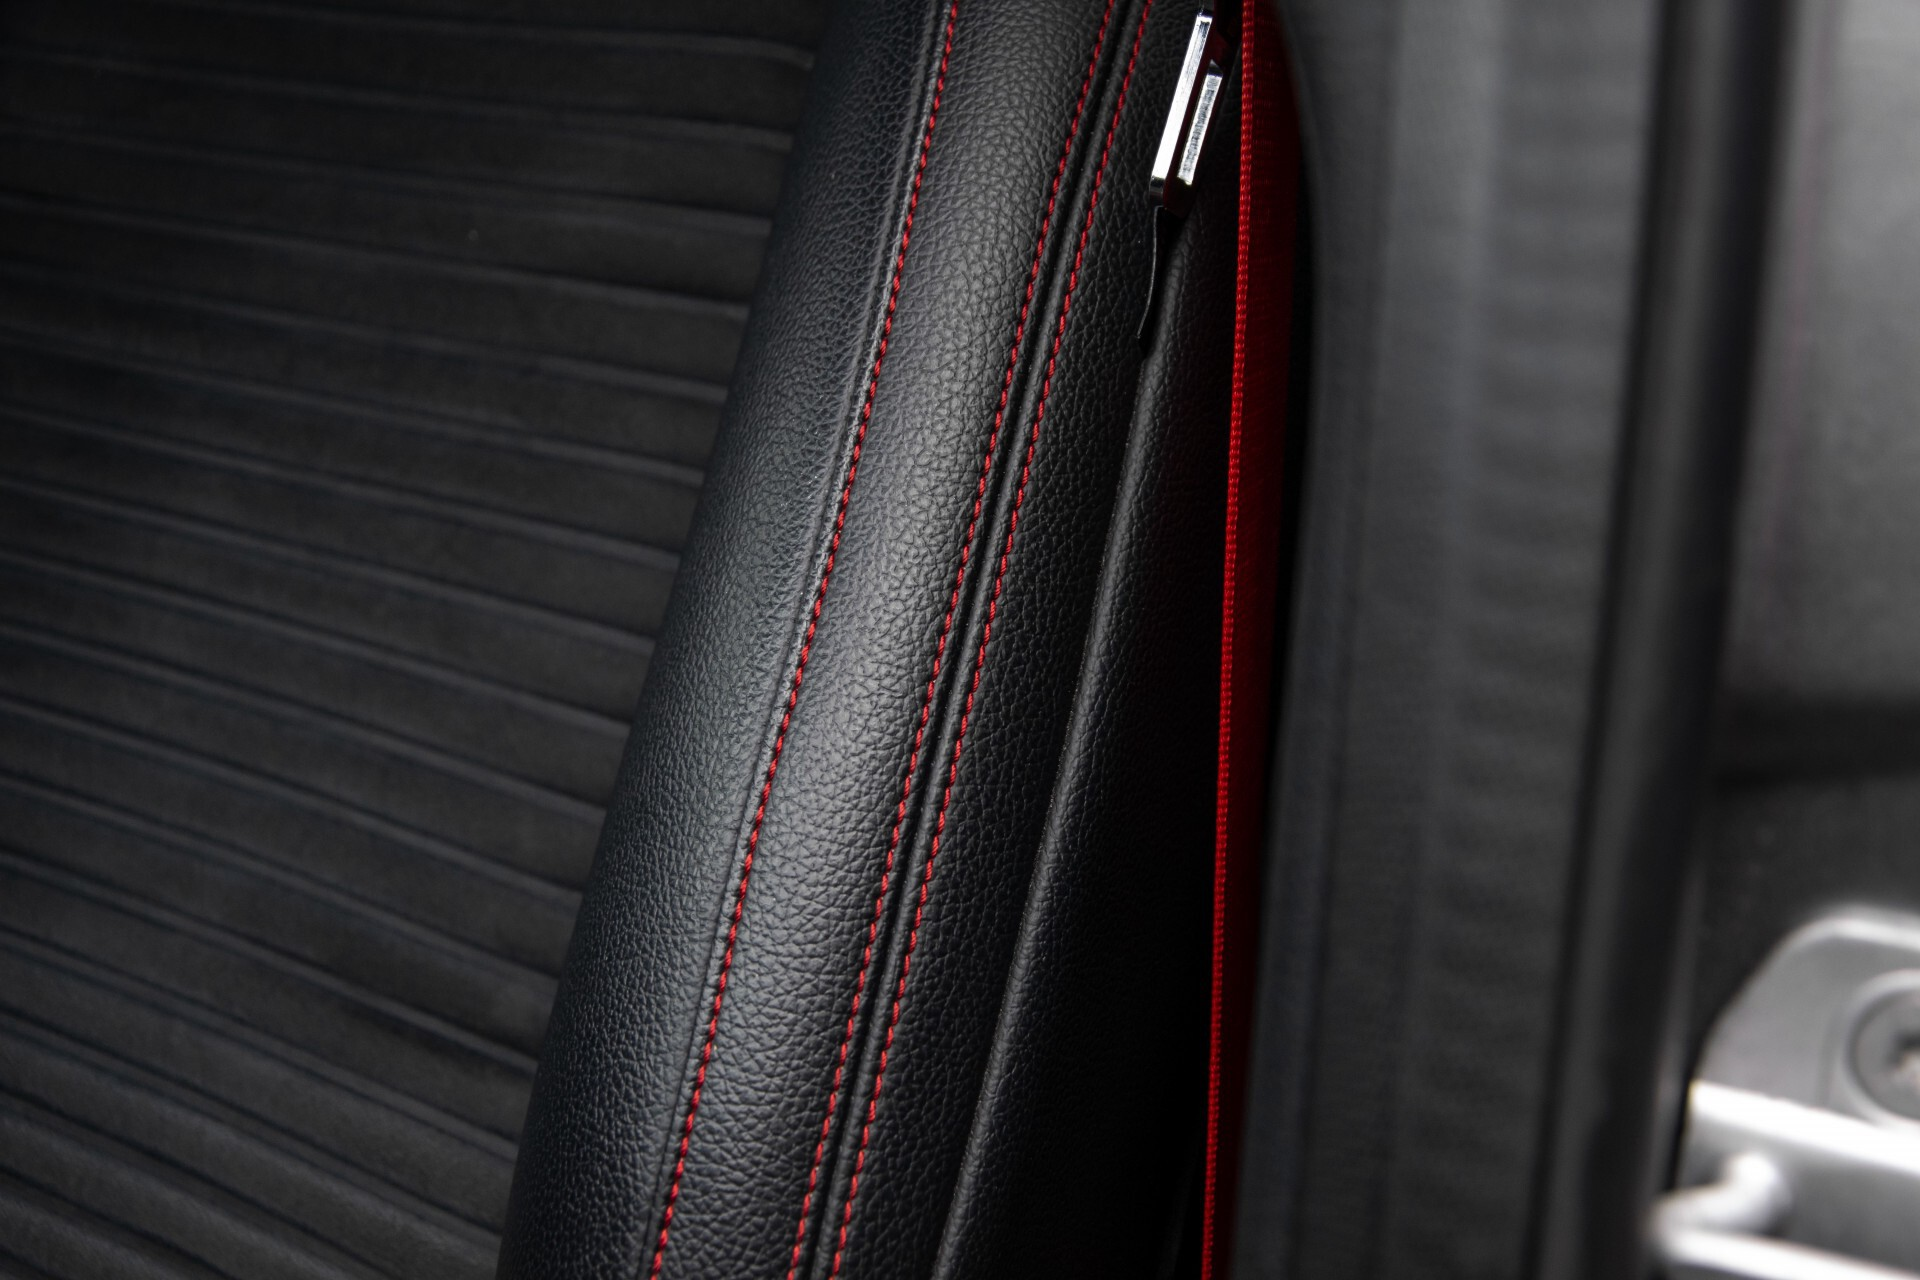 Mercedes-Benz A-Klasse 180 AMG Dynamic Handling/Camera/Xenon/Navi/Privacy Aut7 Foto 43